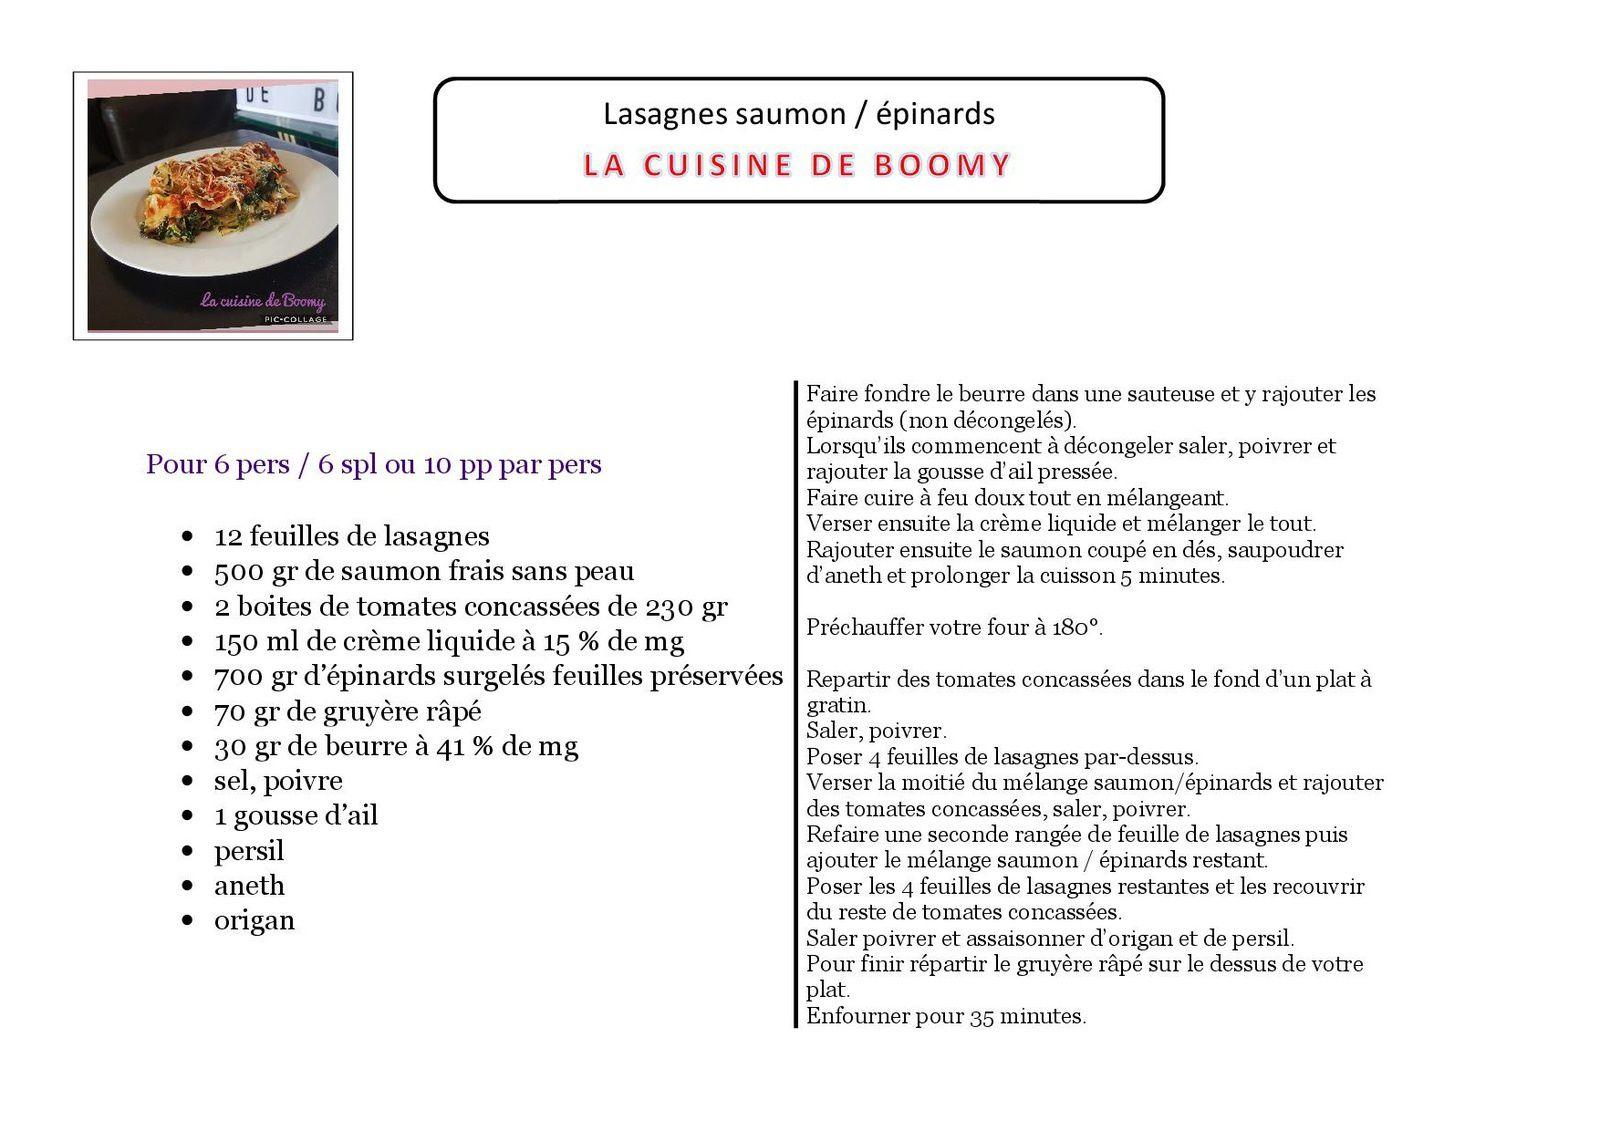 Lasagnes saumon / épinards